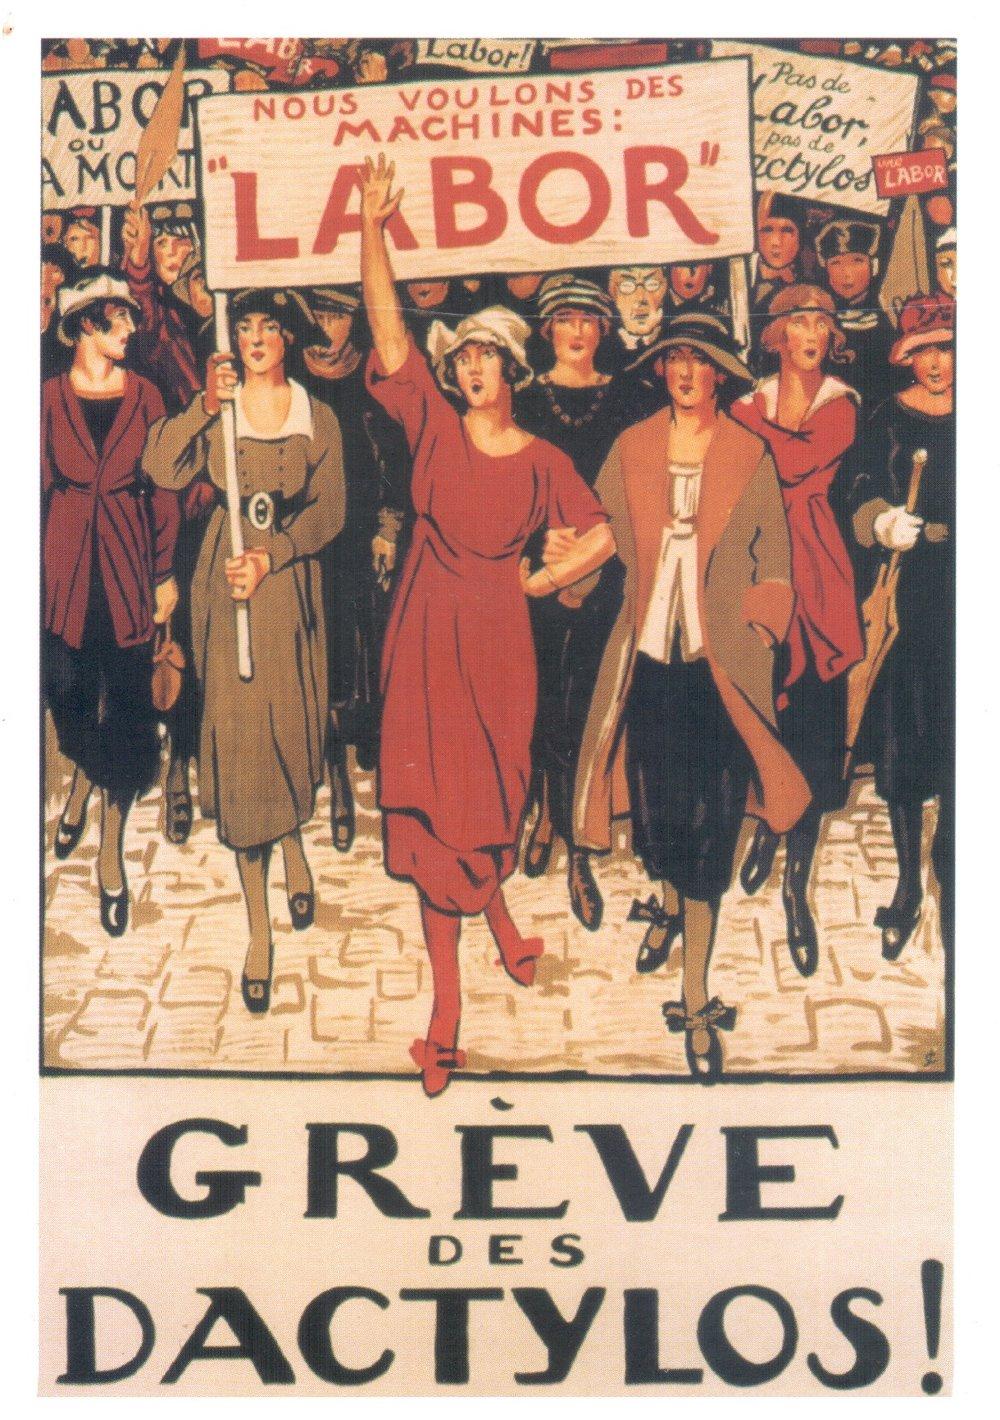 Affichiste Anonyme, Greve des dactylos - 133 x 95cm, 1919. Publisher: Gilles Volle